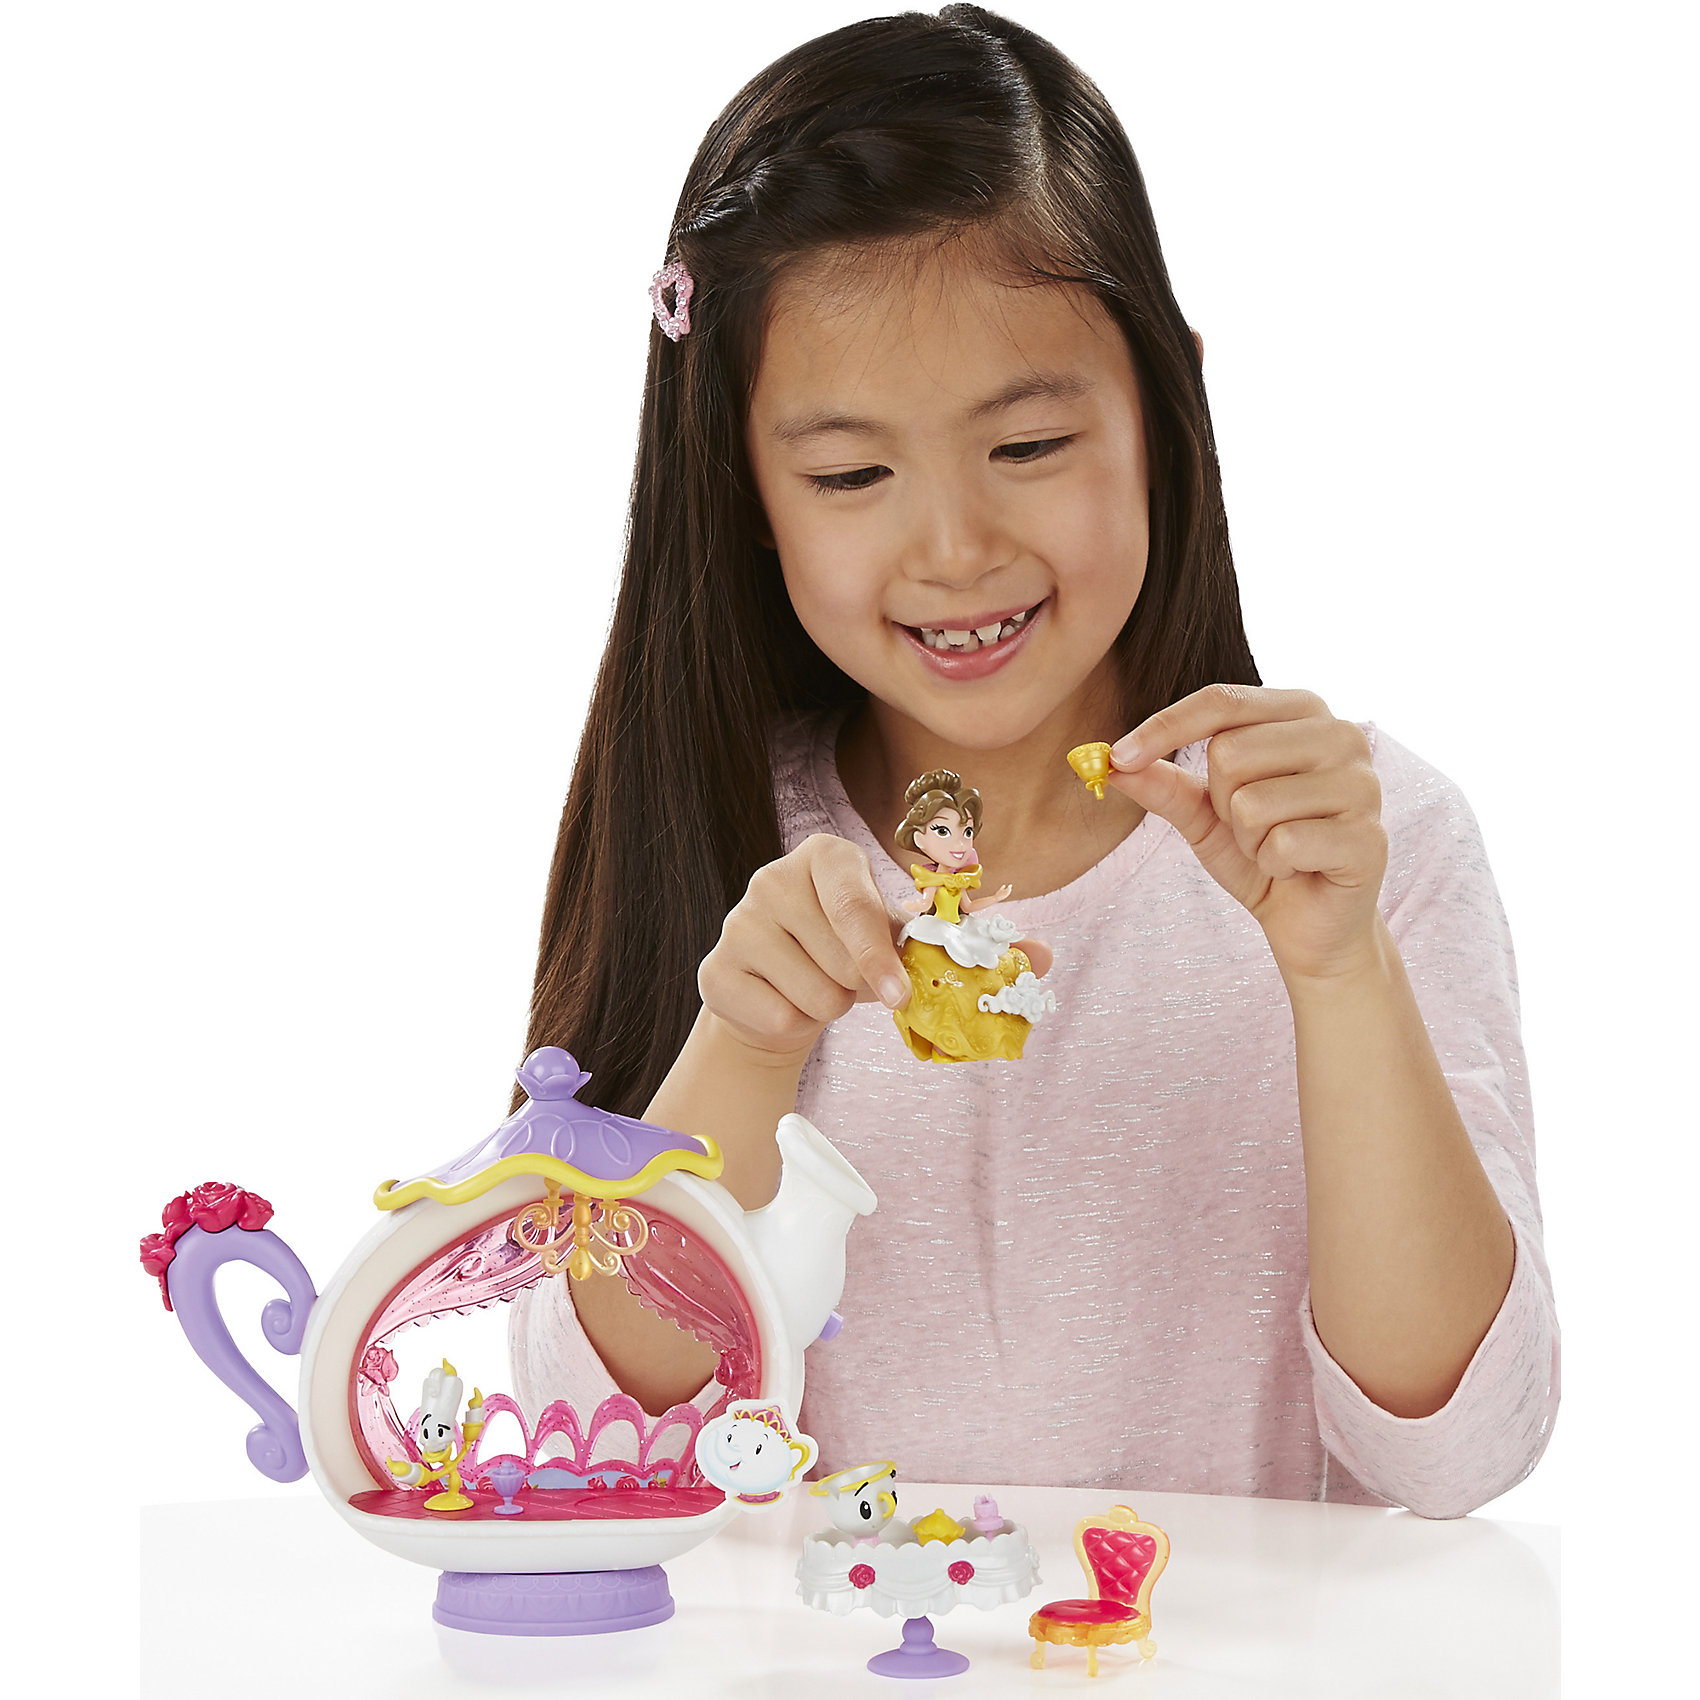 Игровой набор Маленькая кукла Принцесса, с аксессуарами Белль, B5344/B5346Игровой набор Маленькая кукла Принцесса, с аксессуарами, B5344/B5346.<br><br>Характеристики:<br><br>- В наборе: кукла Бэлль; фигурка Чипа; фигурка Люмьера; стол; стул; столовые приборы; желоб для сладостей; 3 украшения<br>- Материал: высококачественный пластик<br>- Высота куклы: 7,5 см.<br>- Размер упаковки: 6,6х30,5х22,9 см.<br><br>Очаровательная и веселая диснеевская принцесса Бэлль хочет провести веселый ужин со своими заколдованными друзьями. Бэлль накрыла роскошный стол, чтобы поужинать в веселой компании канделябра Люмьера и чашки Чипа. Куколка, входящая в набор, относится к целой серии игрушек под названием Disney Princess Little Kingdom, поэтому имеет небольшой размер - всего 7,5 см. Не смотря на это, у нее красивый дизайн, а также превосходная детализация! Кукла может сидеть и стоять. Данный набор еще интересен и тем, что в платье куколки есть крохотные дырочки, в которые ребенок сможет прикрепить красивые тематические аксессуары из набора. Игровой набор изготовлен из качественного, нетоксичного пластика.<br><br>Игровой набор Маленькая кукла Принцесса, с аксессуарами, B5344/B5346 можно купить в нашем интернет-магазине.<br><br>Ширина мм: 65<br>Глубина мм: 305<br>Высота мм: 1400<br>Вес г: 415<br>Возраст от месяцев: 48<br>Возраст до месяцев: 96<br>Пол: Женский<br>Возраст: Детский<br>SKU: 5064708